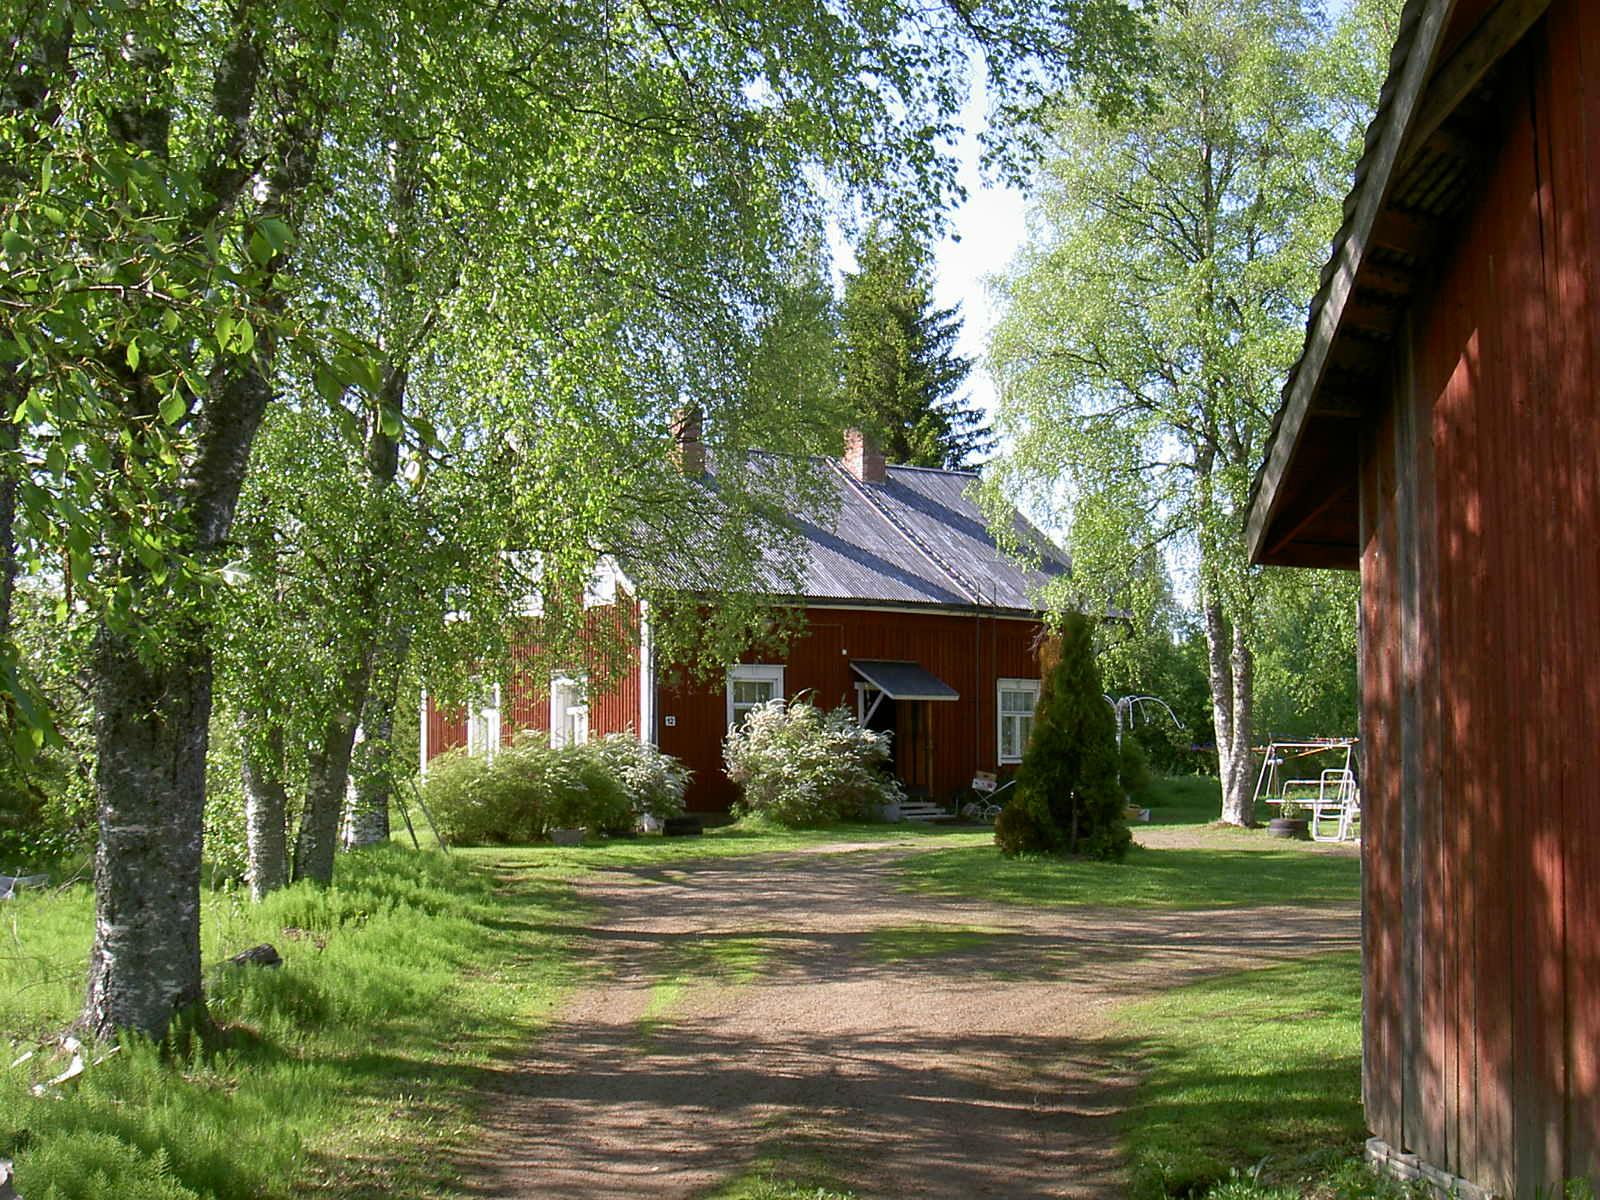 Så här såg den gård ut som Selim Lång byggde i tiderna. Fotot är från 2003 och taget en vacker sommarkväll.